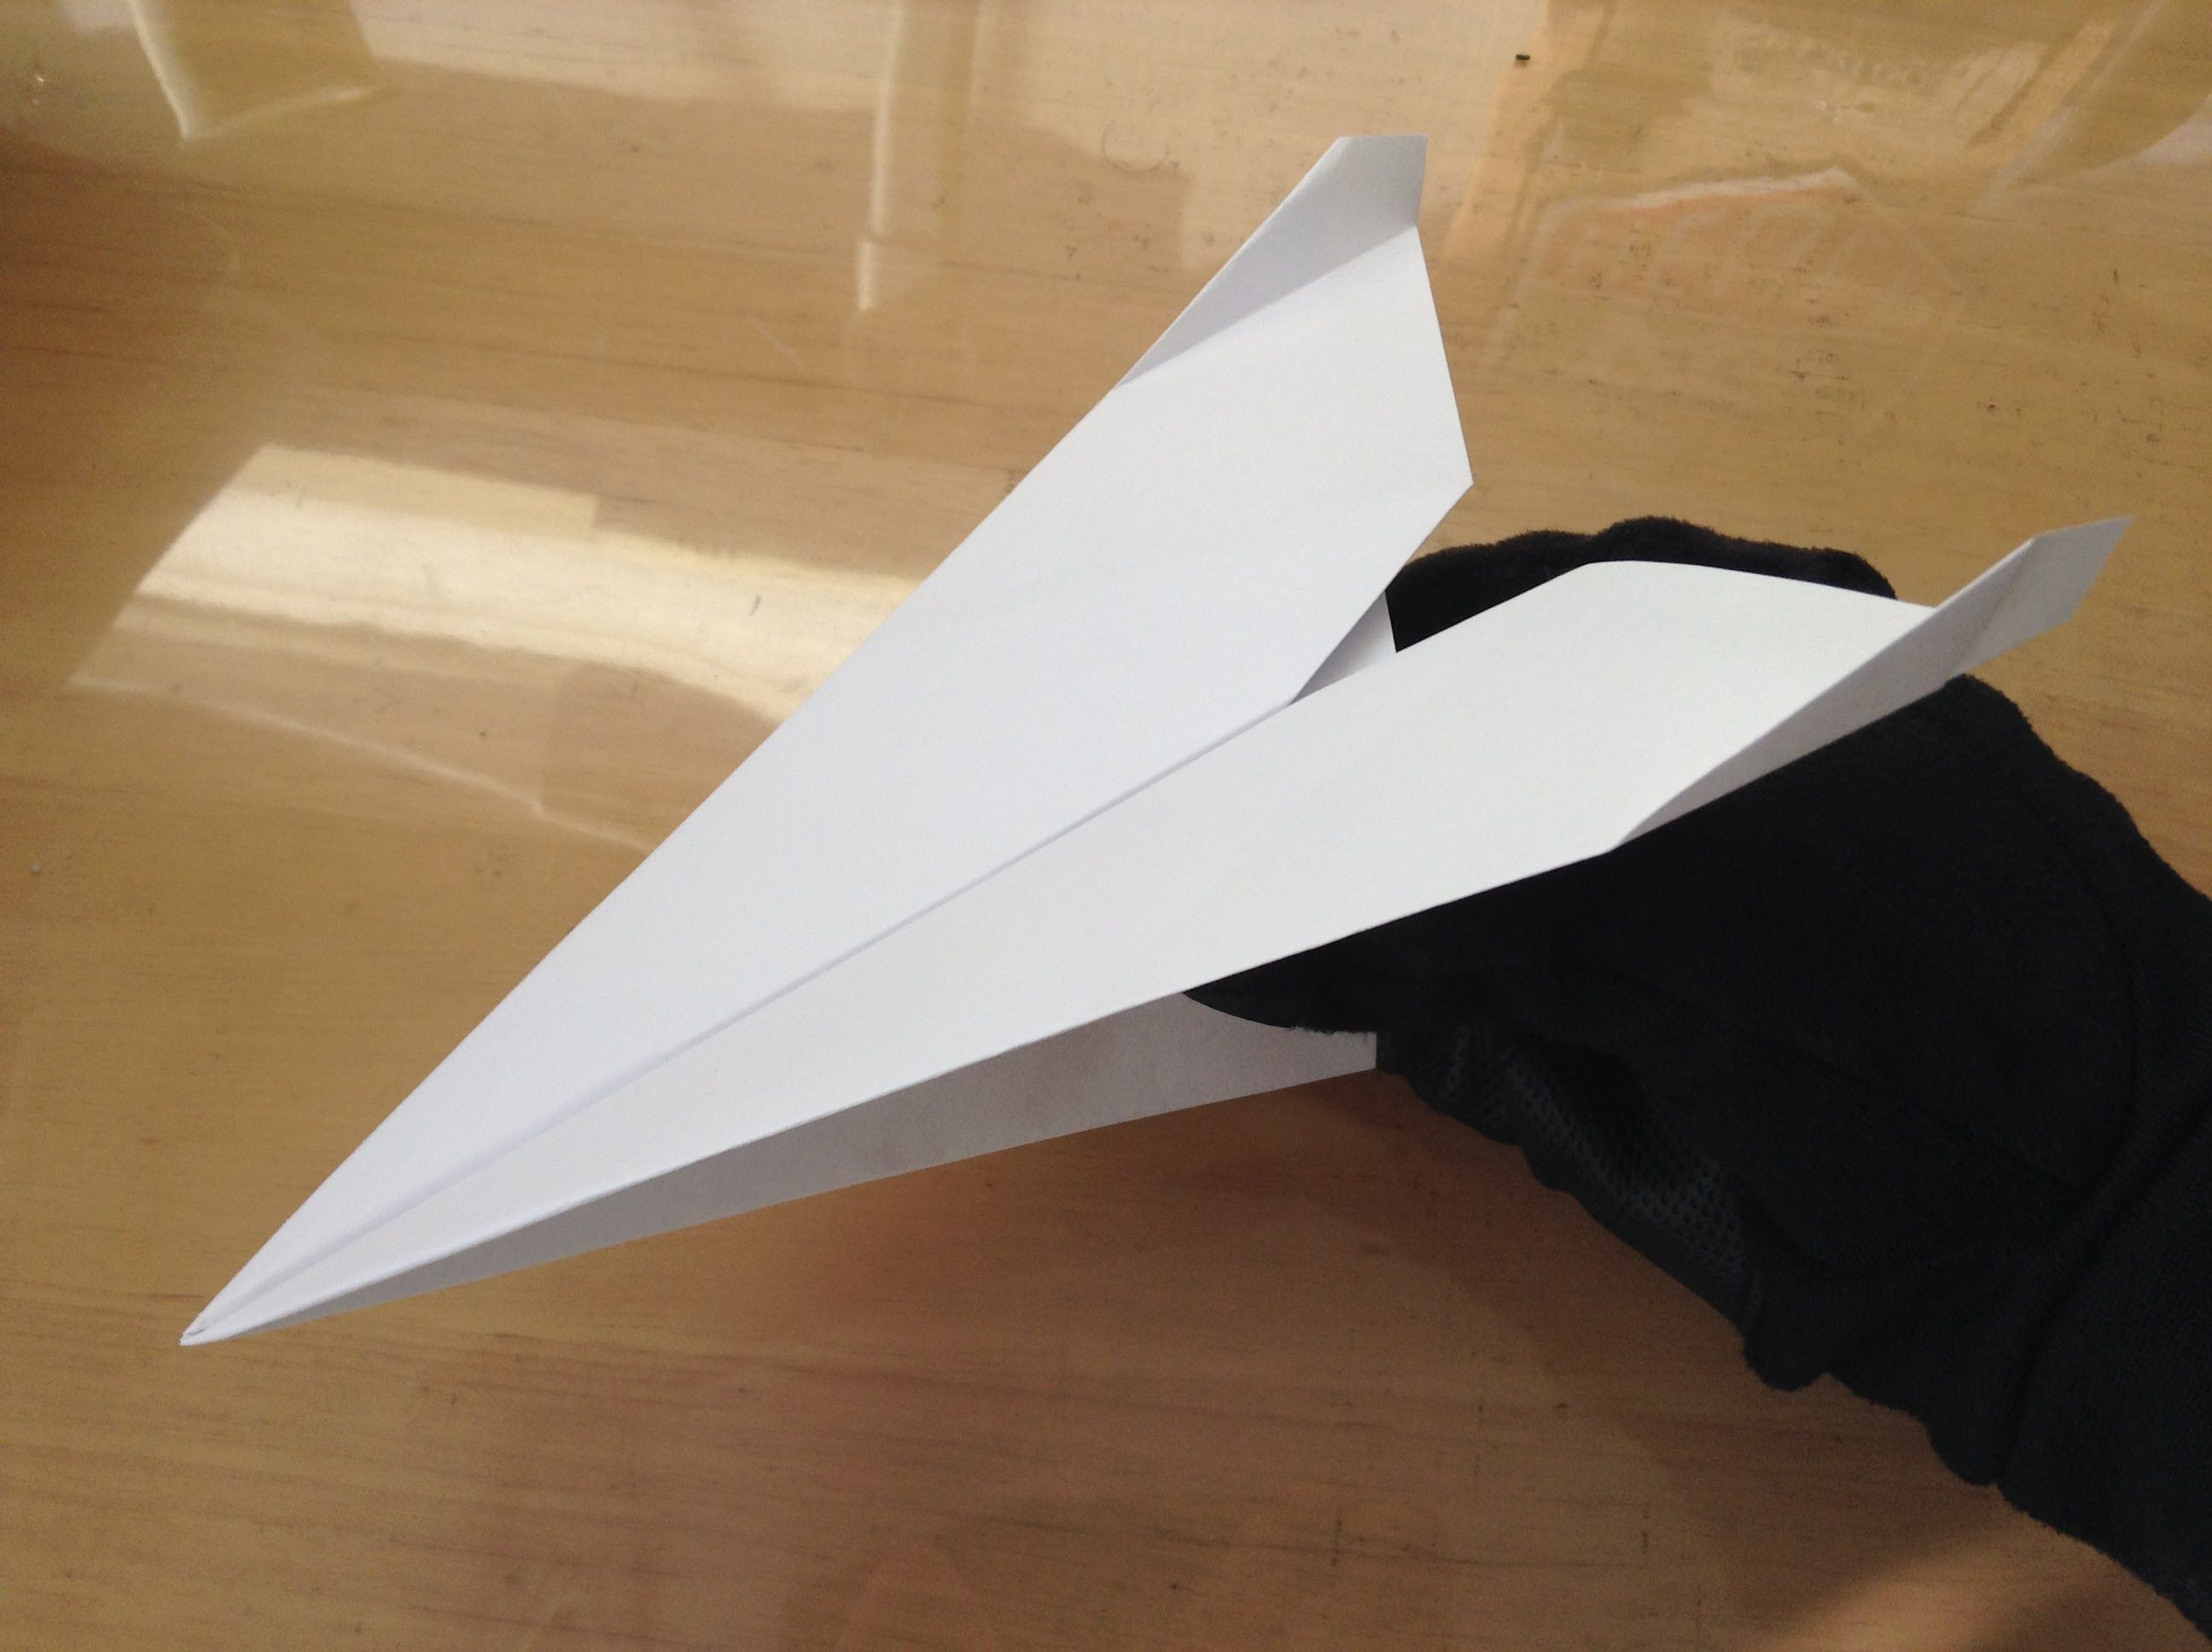 飛ぶ 飛行機 よく の 折り 方 紙